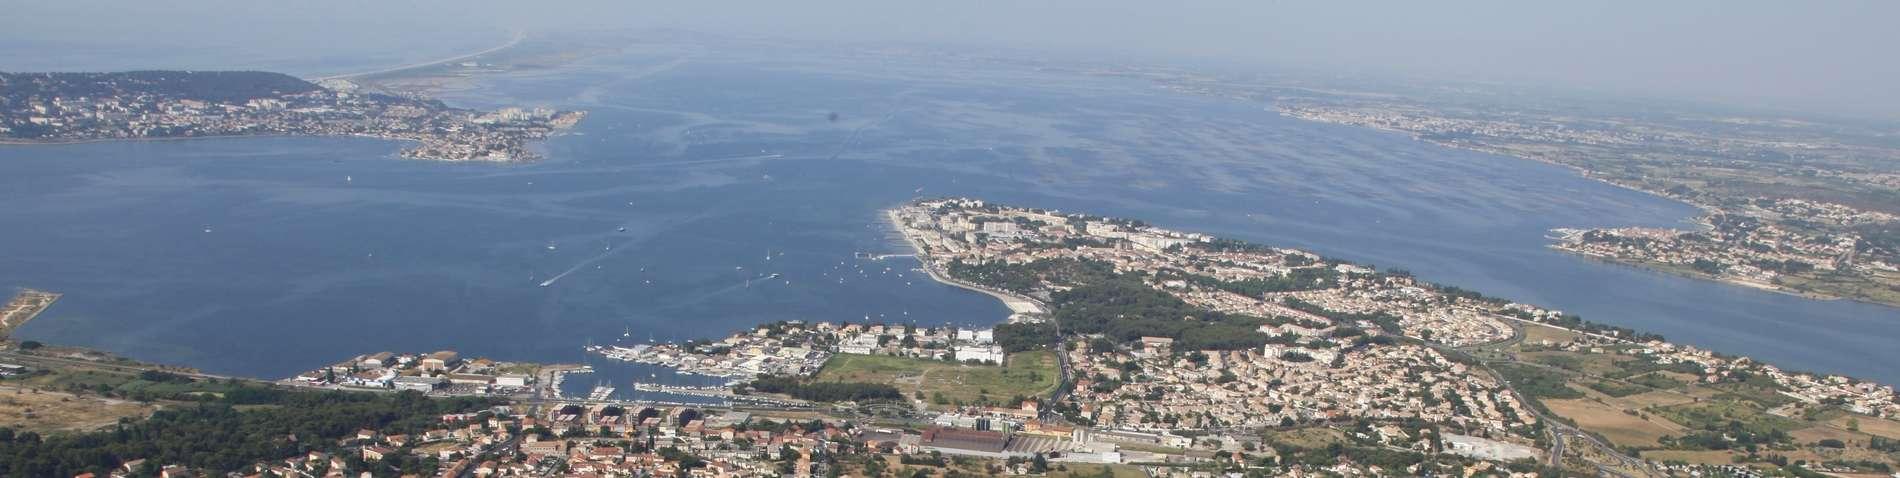 Vue aérienne de la presqu'île